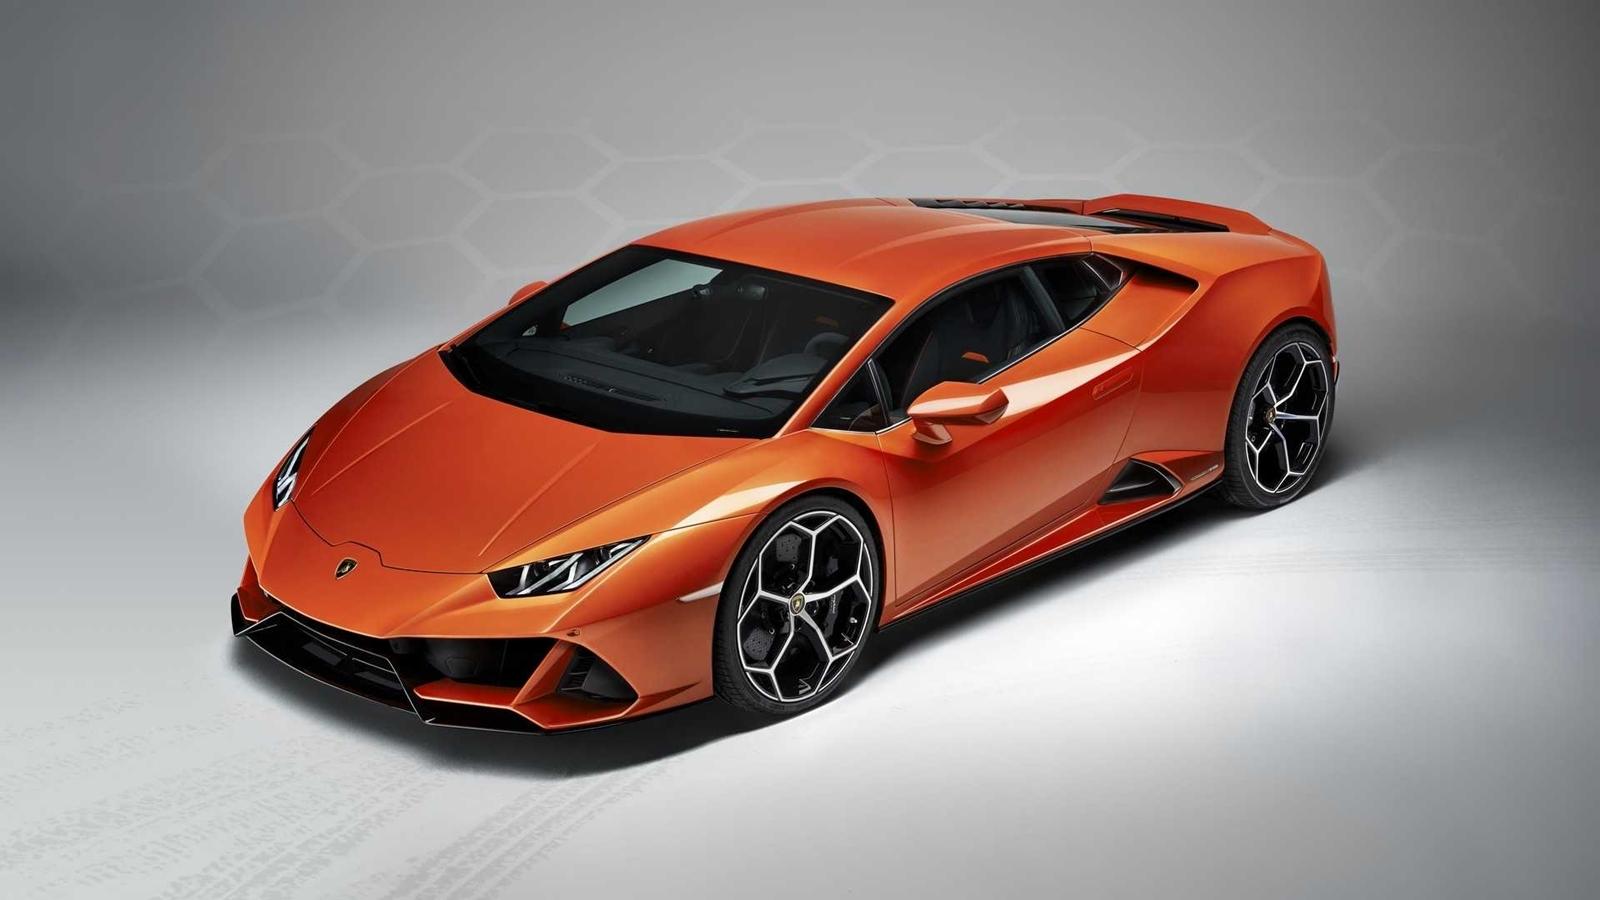 Lamborghini Huracan Evo 2019 0119 014